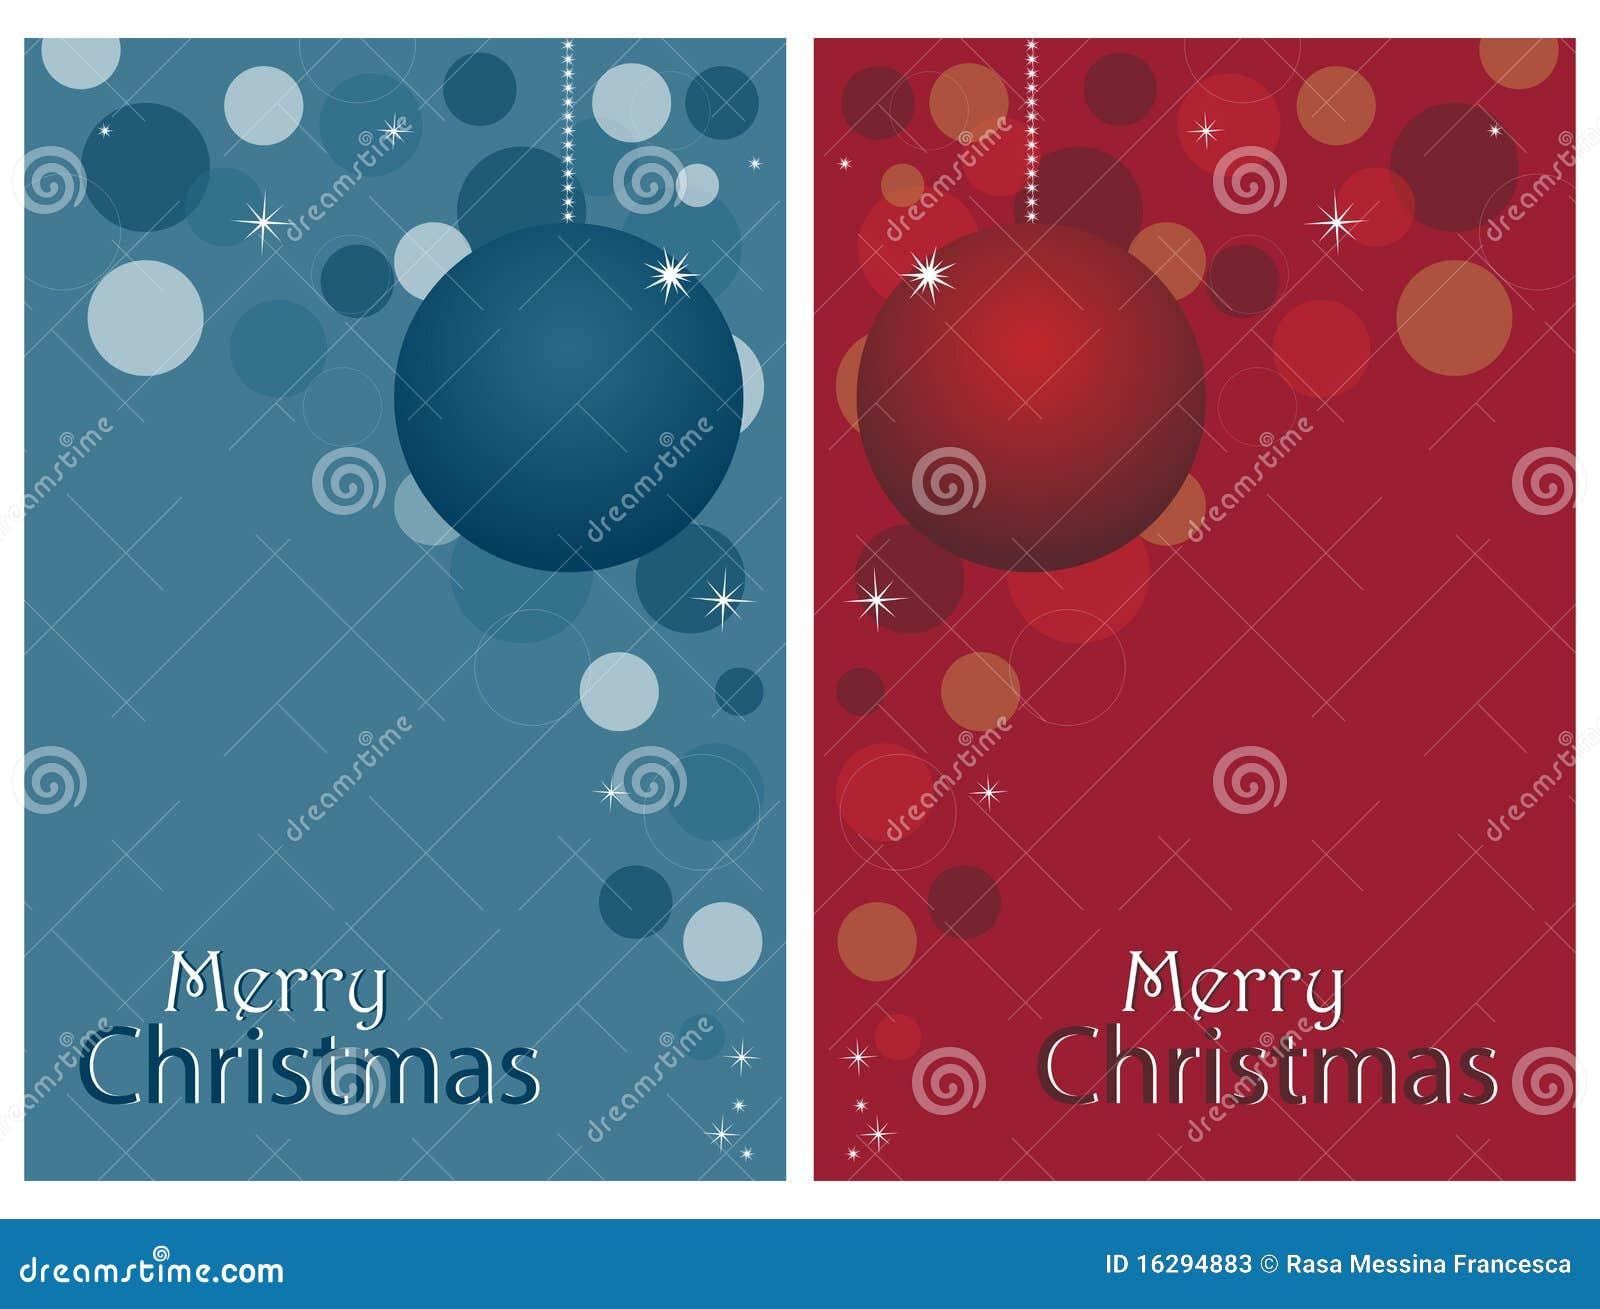 weihnachtskarten set vektor abbildung illustration von. Black Bedroom Furniture Sets. Home Design Ideas